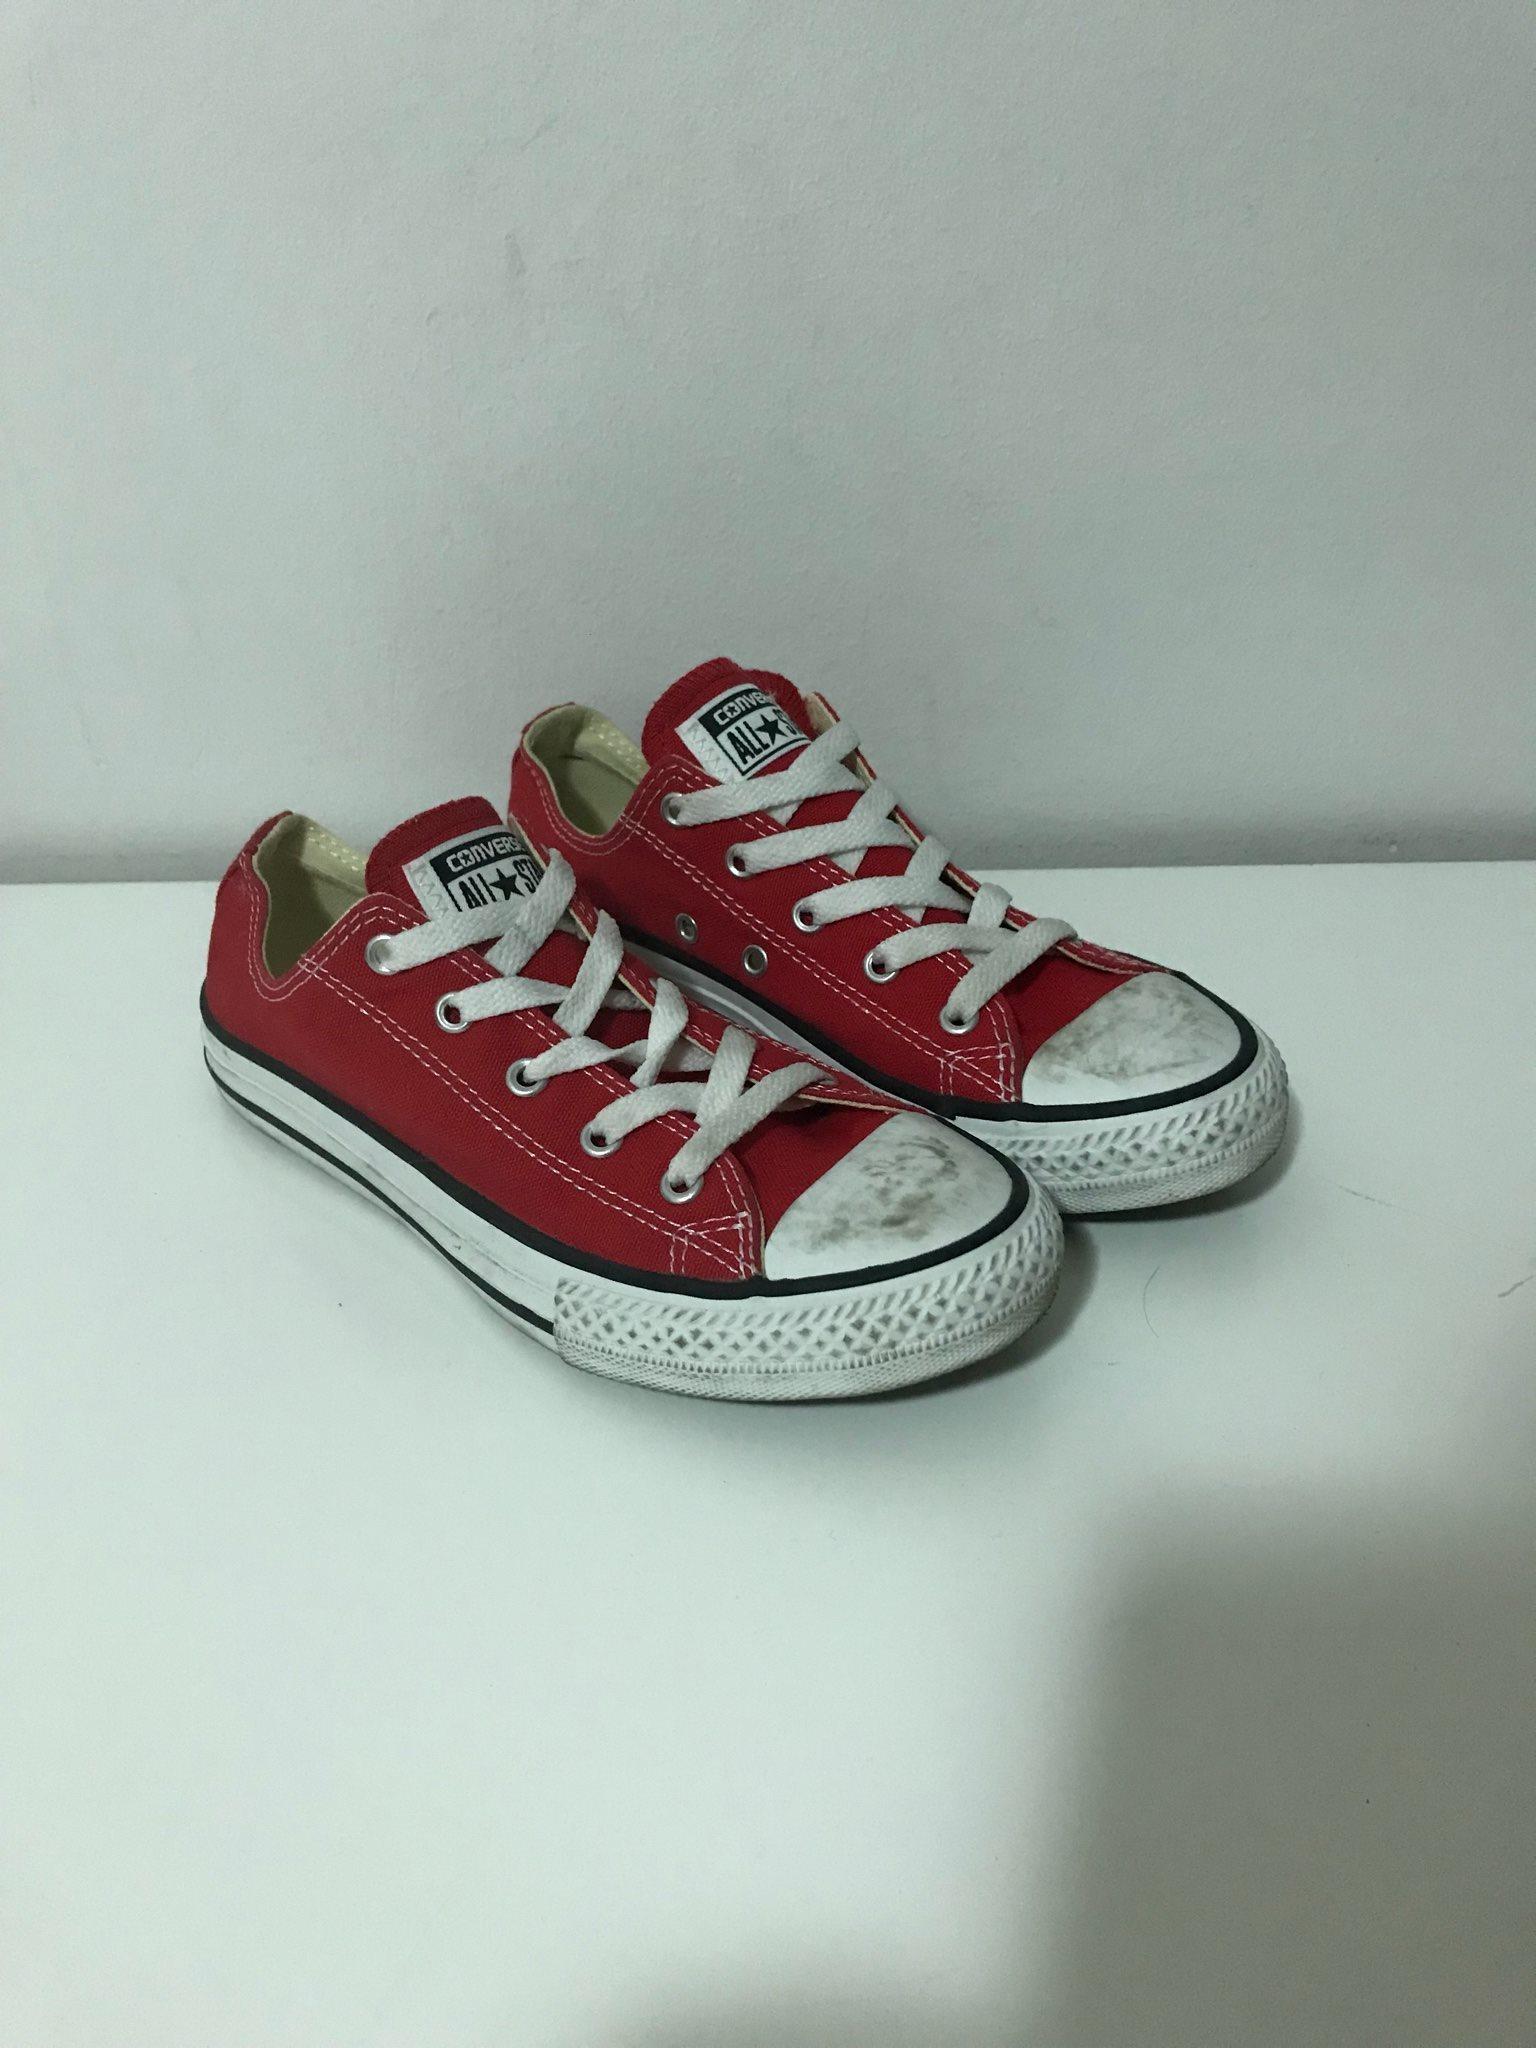 75e1f489edc Converse låga röda storlek 3 (35) (337220756) ᐈ Köp på Tradera